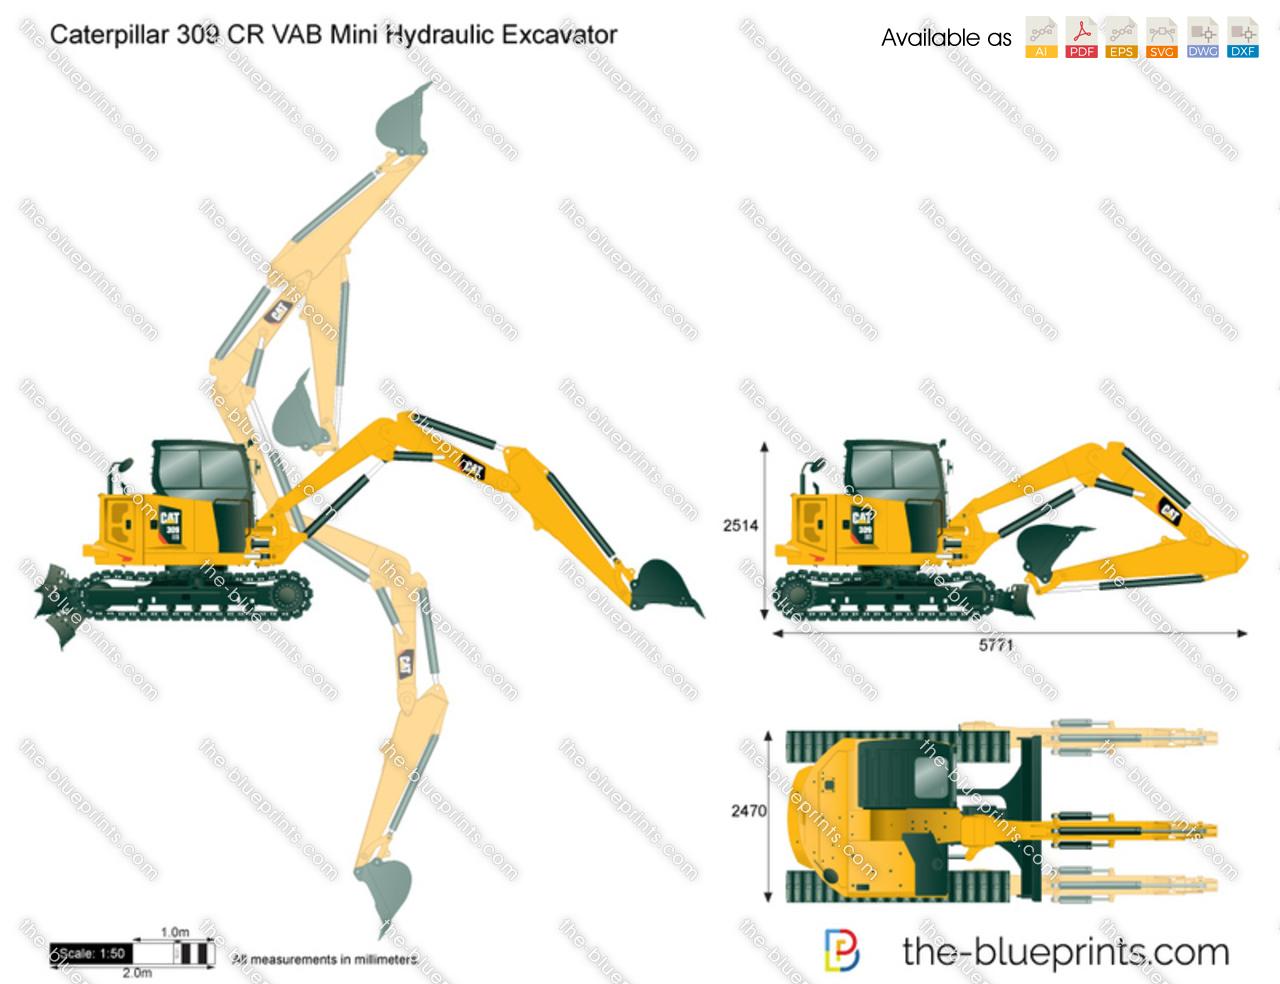 Caterpillar 309 CR VAB Mini Hydraulic Excavator